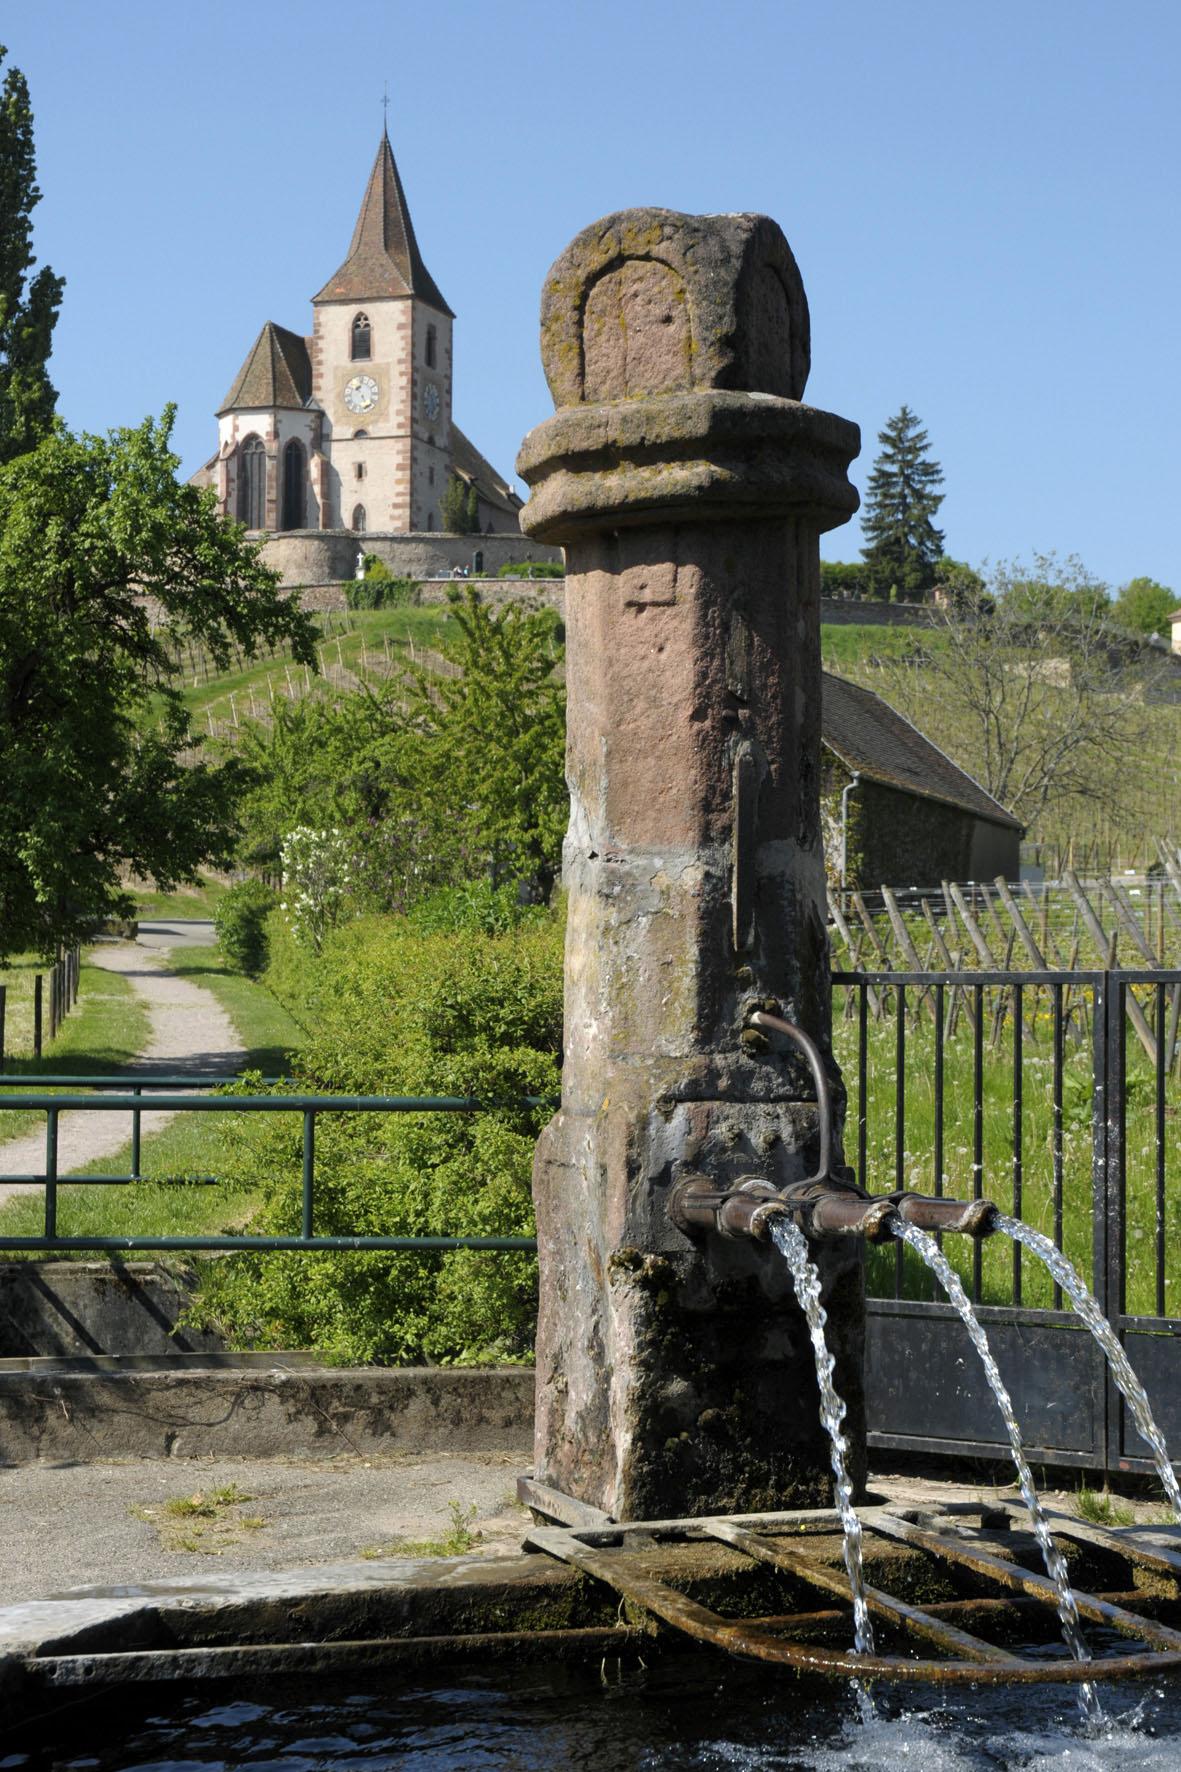 Hunawihr - Crédit photo : Christophe Dumoulin - Office de Tourisme du Pays de Ribeauvillé et Riquewihr